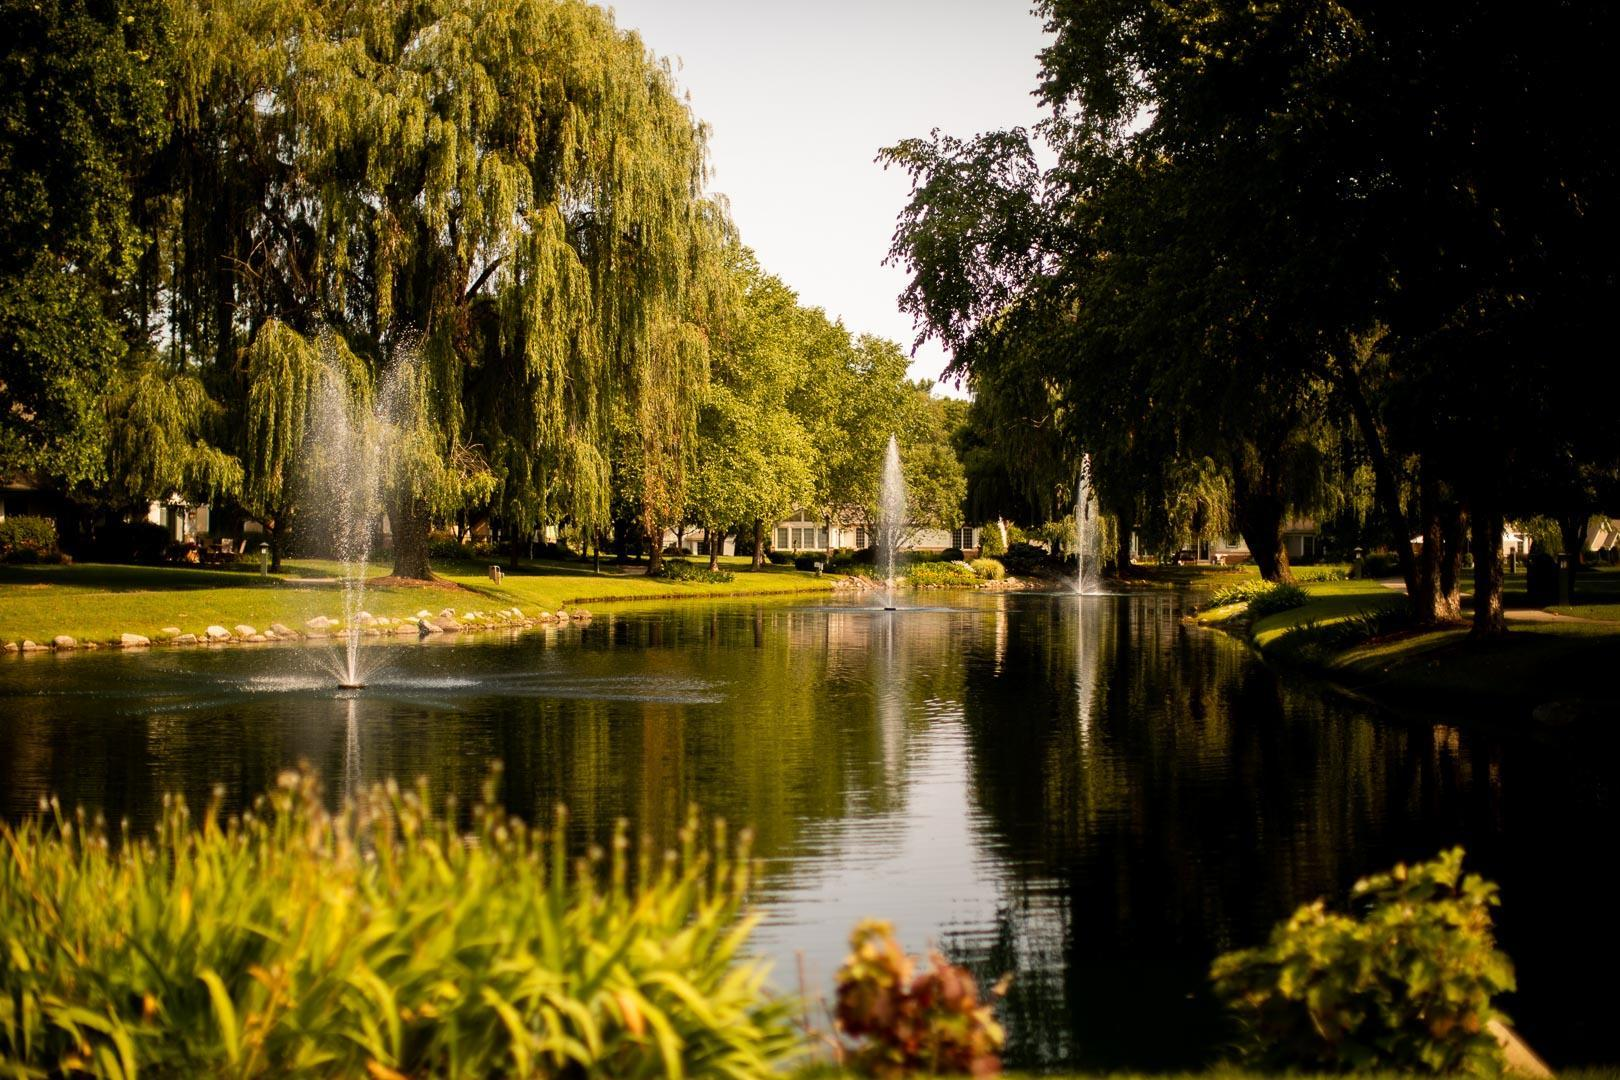 The Villas Overlooking Water